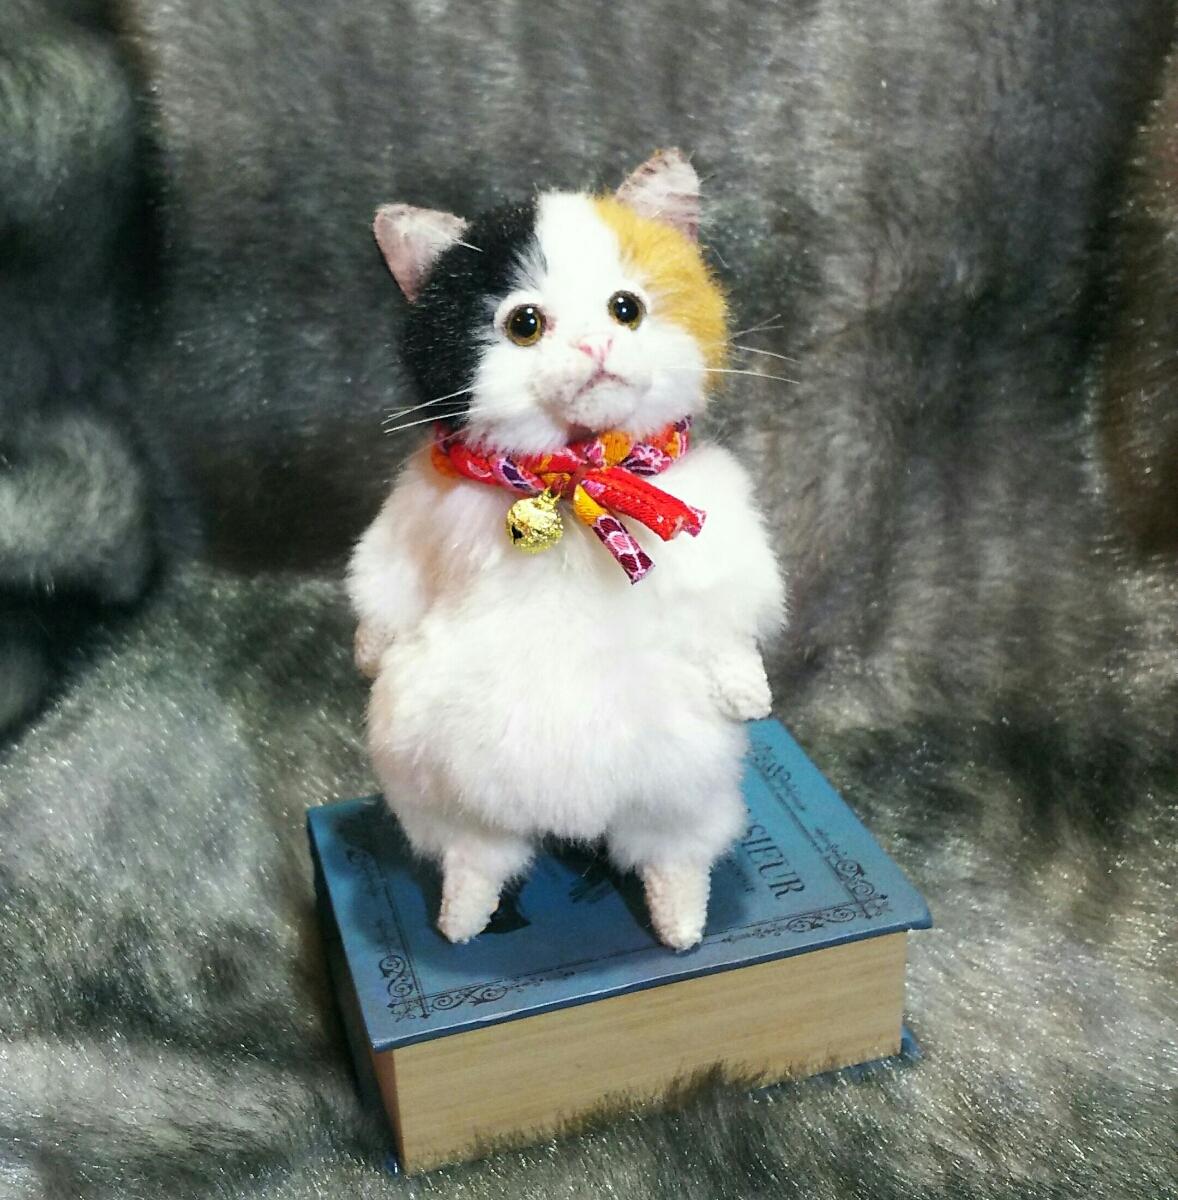 佐藤真也(自作品)チビ三毛猫仔猫、ハンドメイド、手作り、初出品